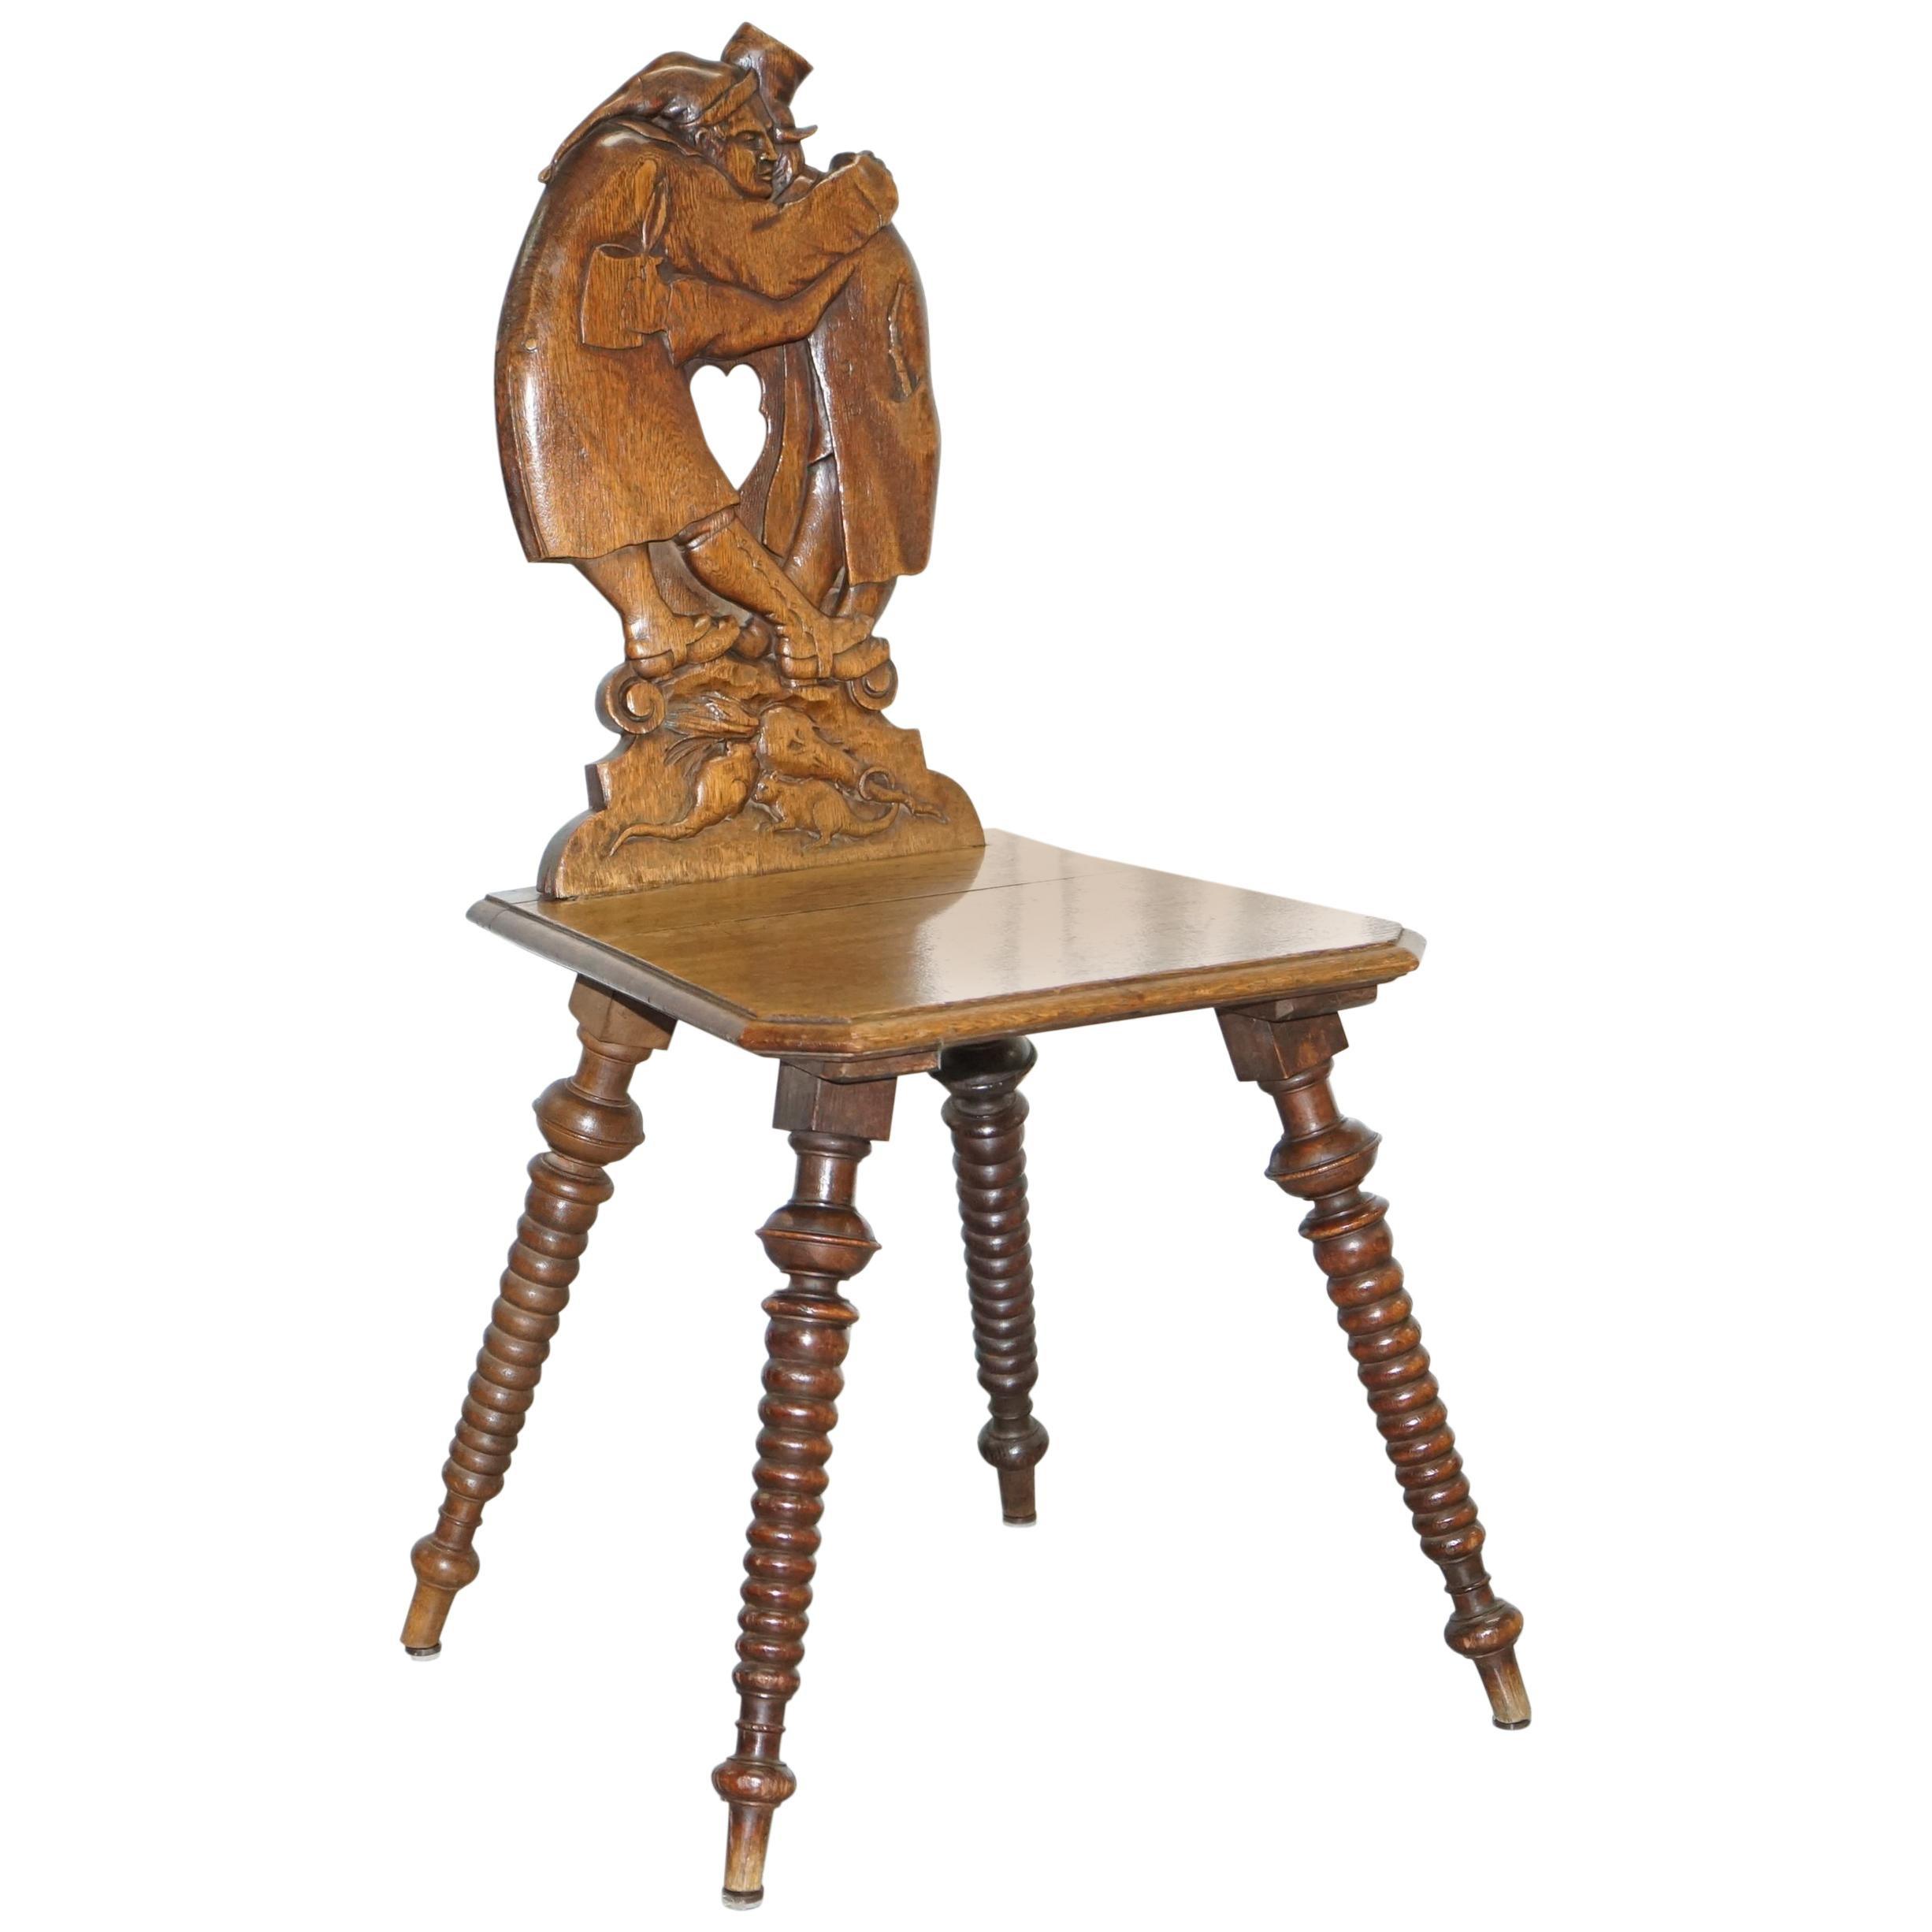 Black Forest Carve Oak Bobbin Hall Chair Depicting Two Friends Hugging Scrooge